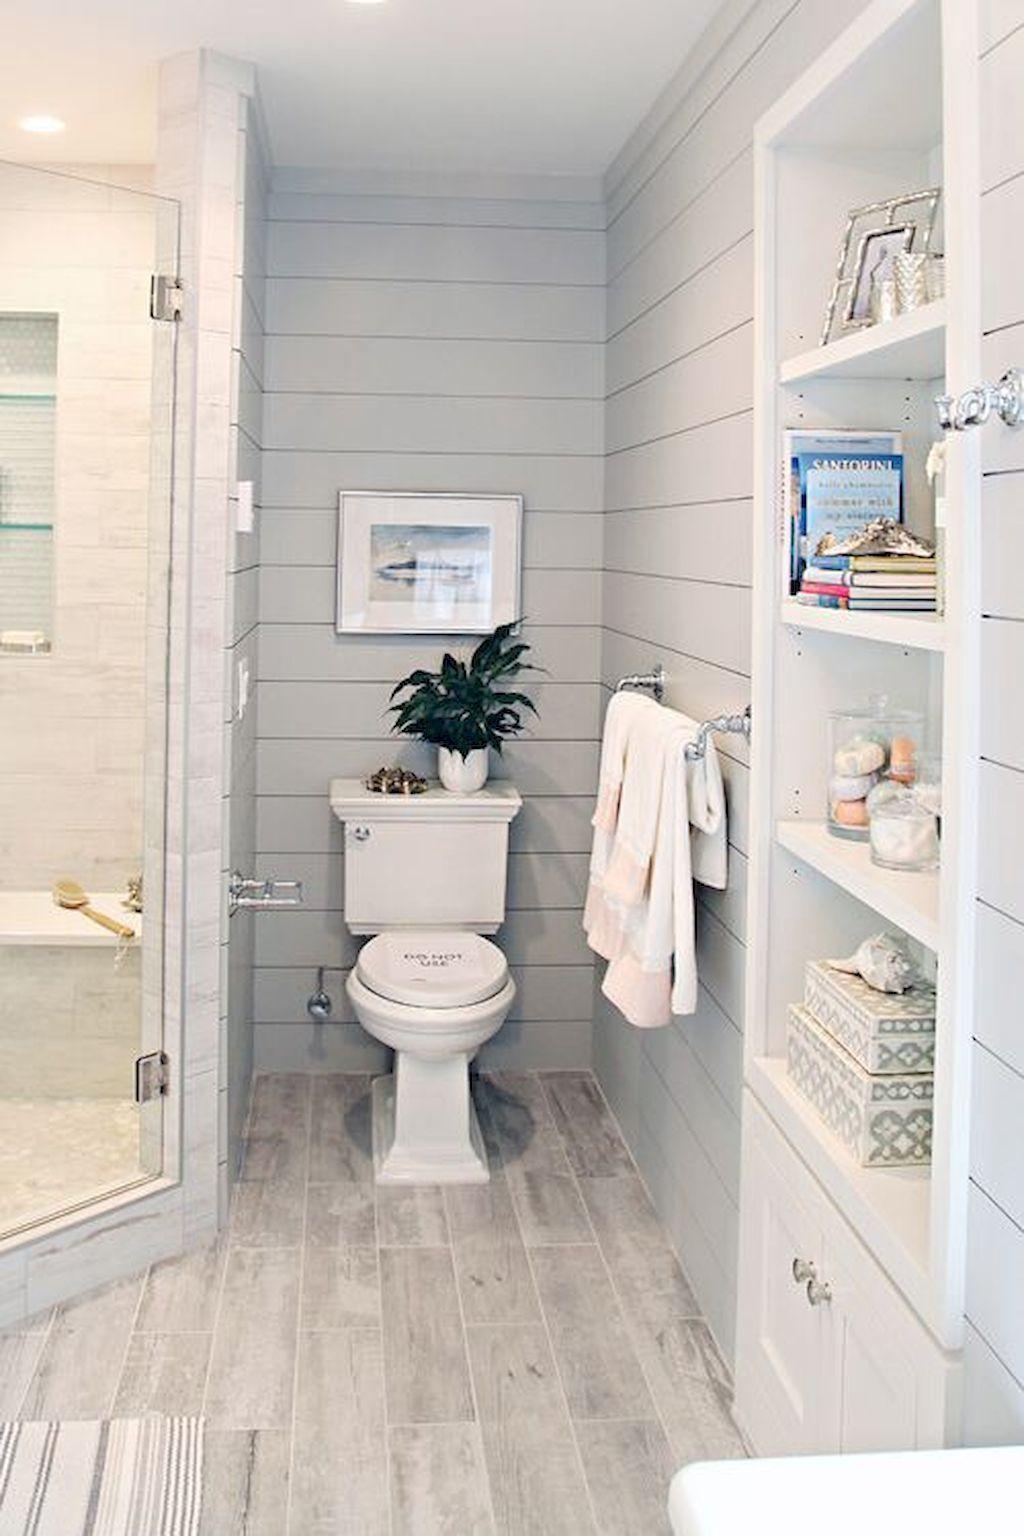 More Ideas Below #bathroomideas Bathroomremodel #bathroom Classy Remodeling Small Bathrooms Ideas Review